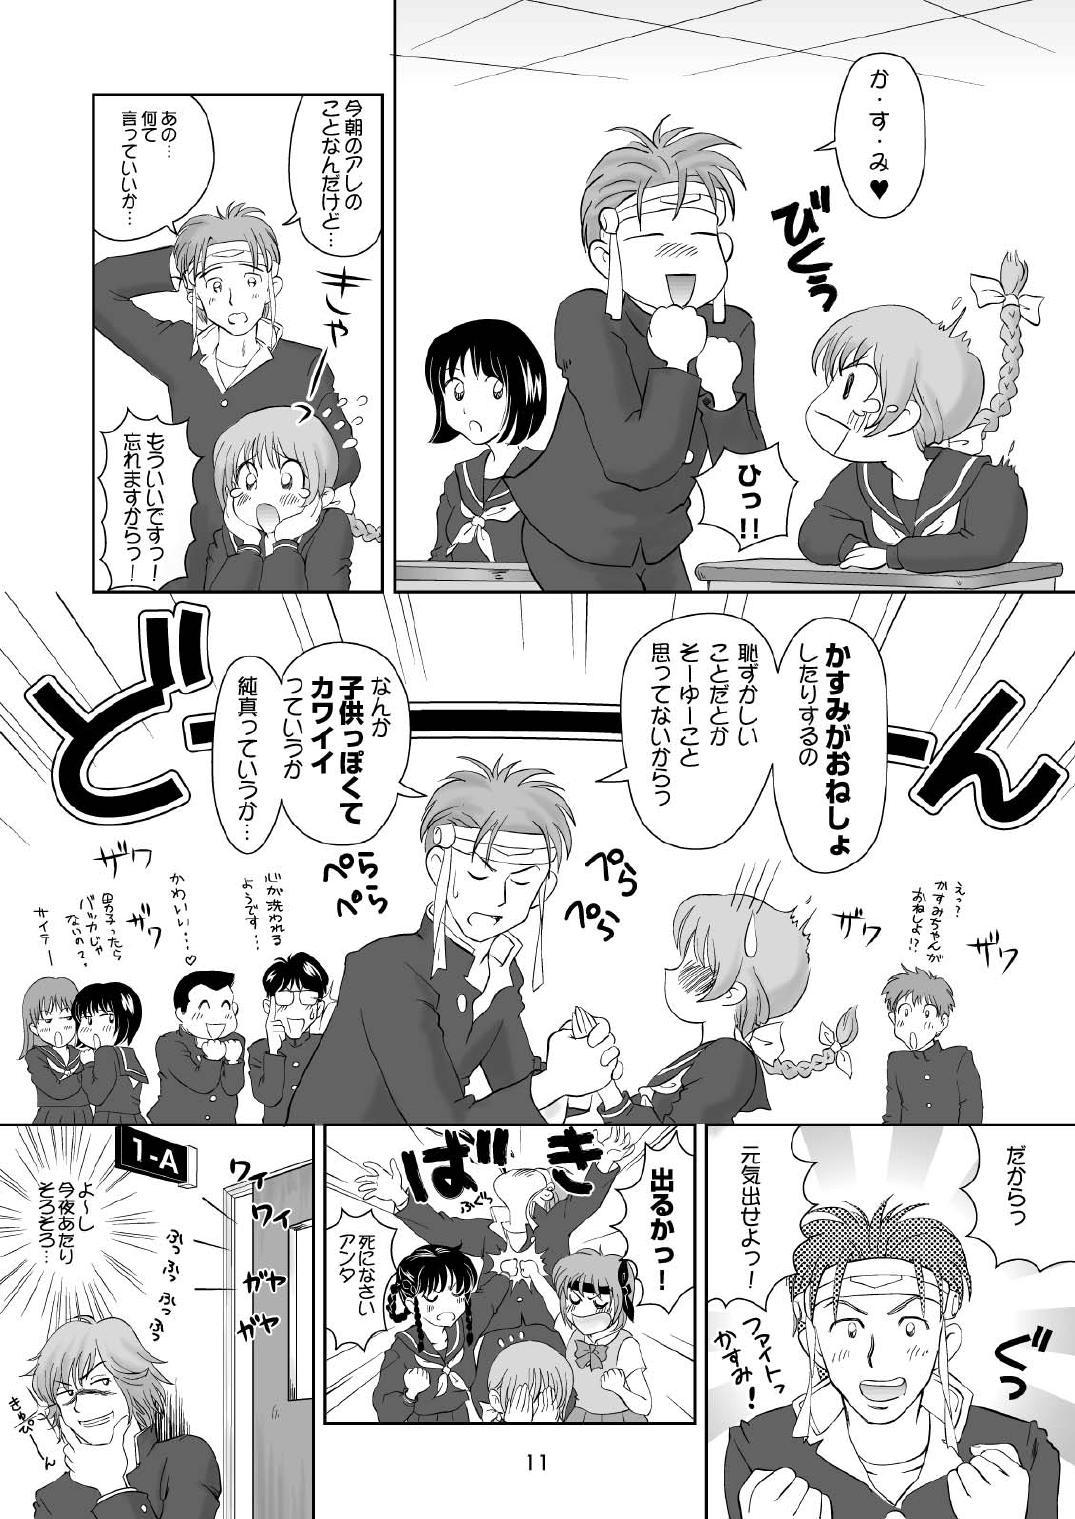 Sugoiyo!! Kasumi-chan 2 10